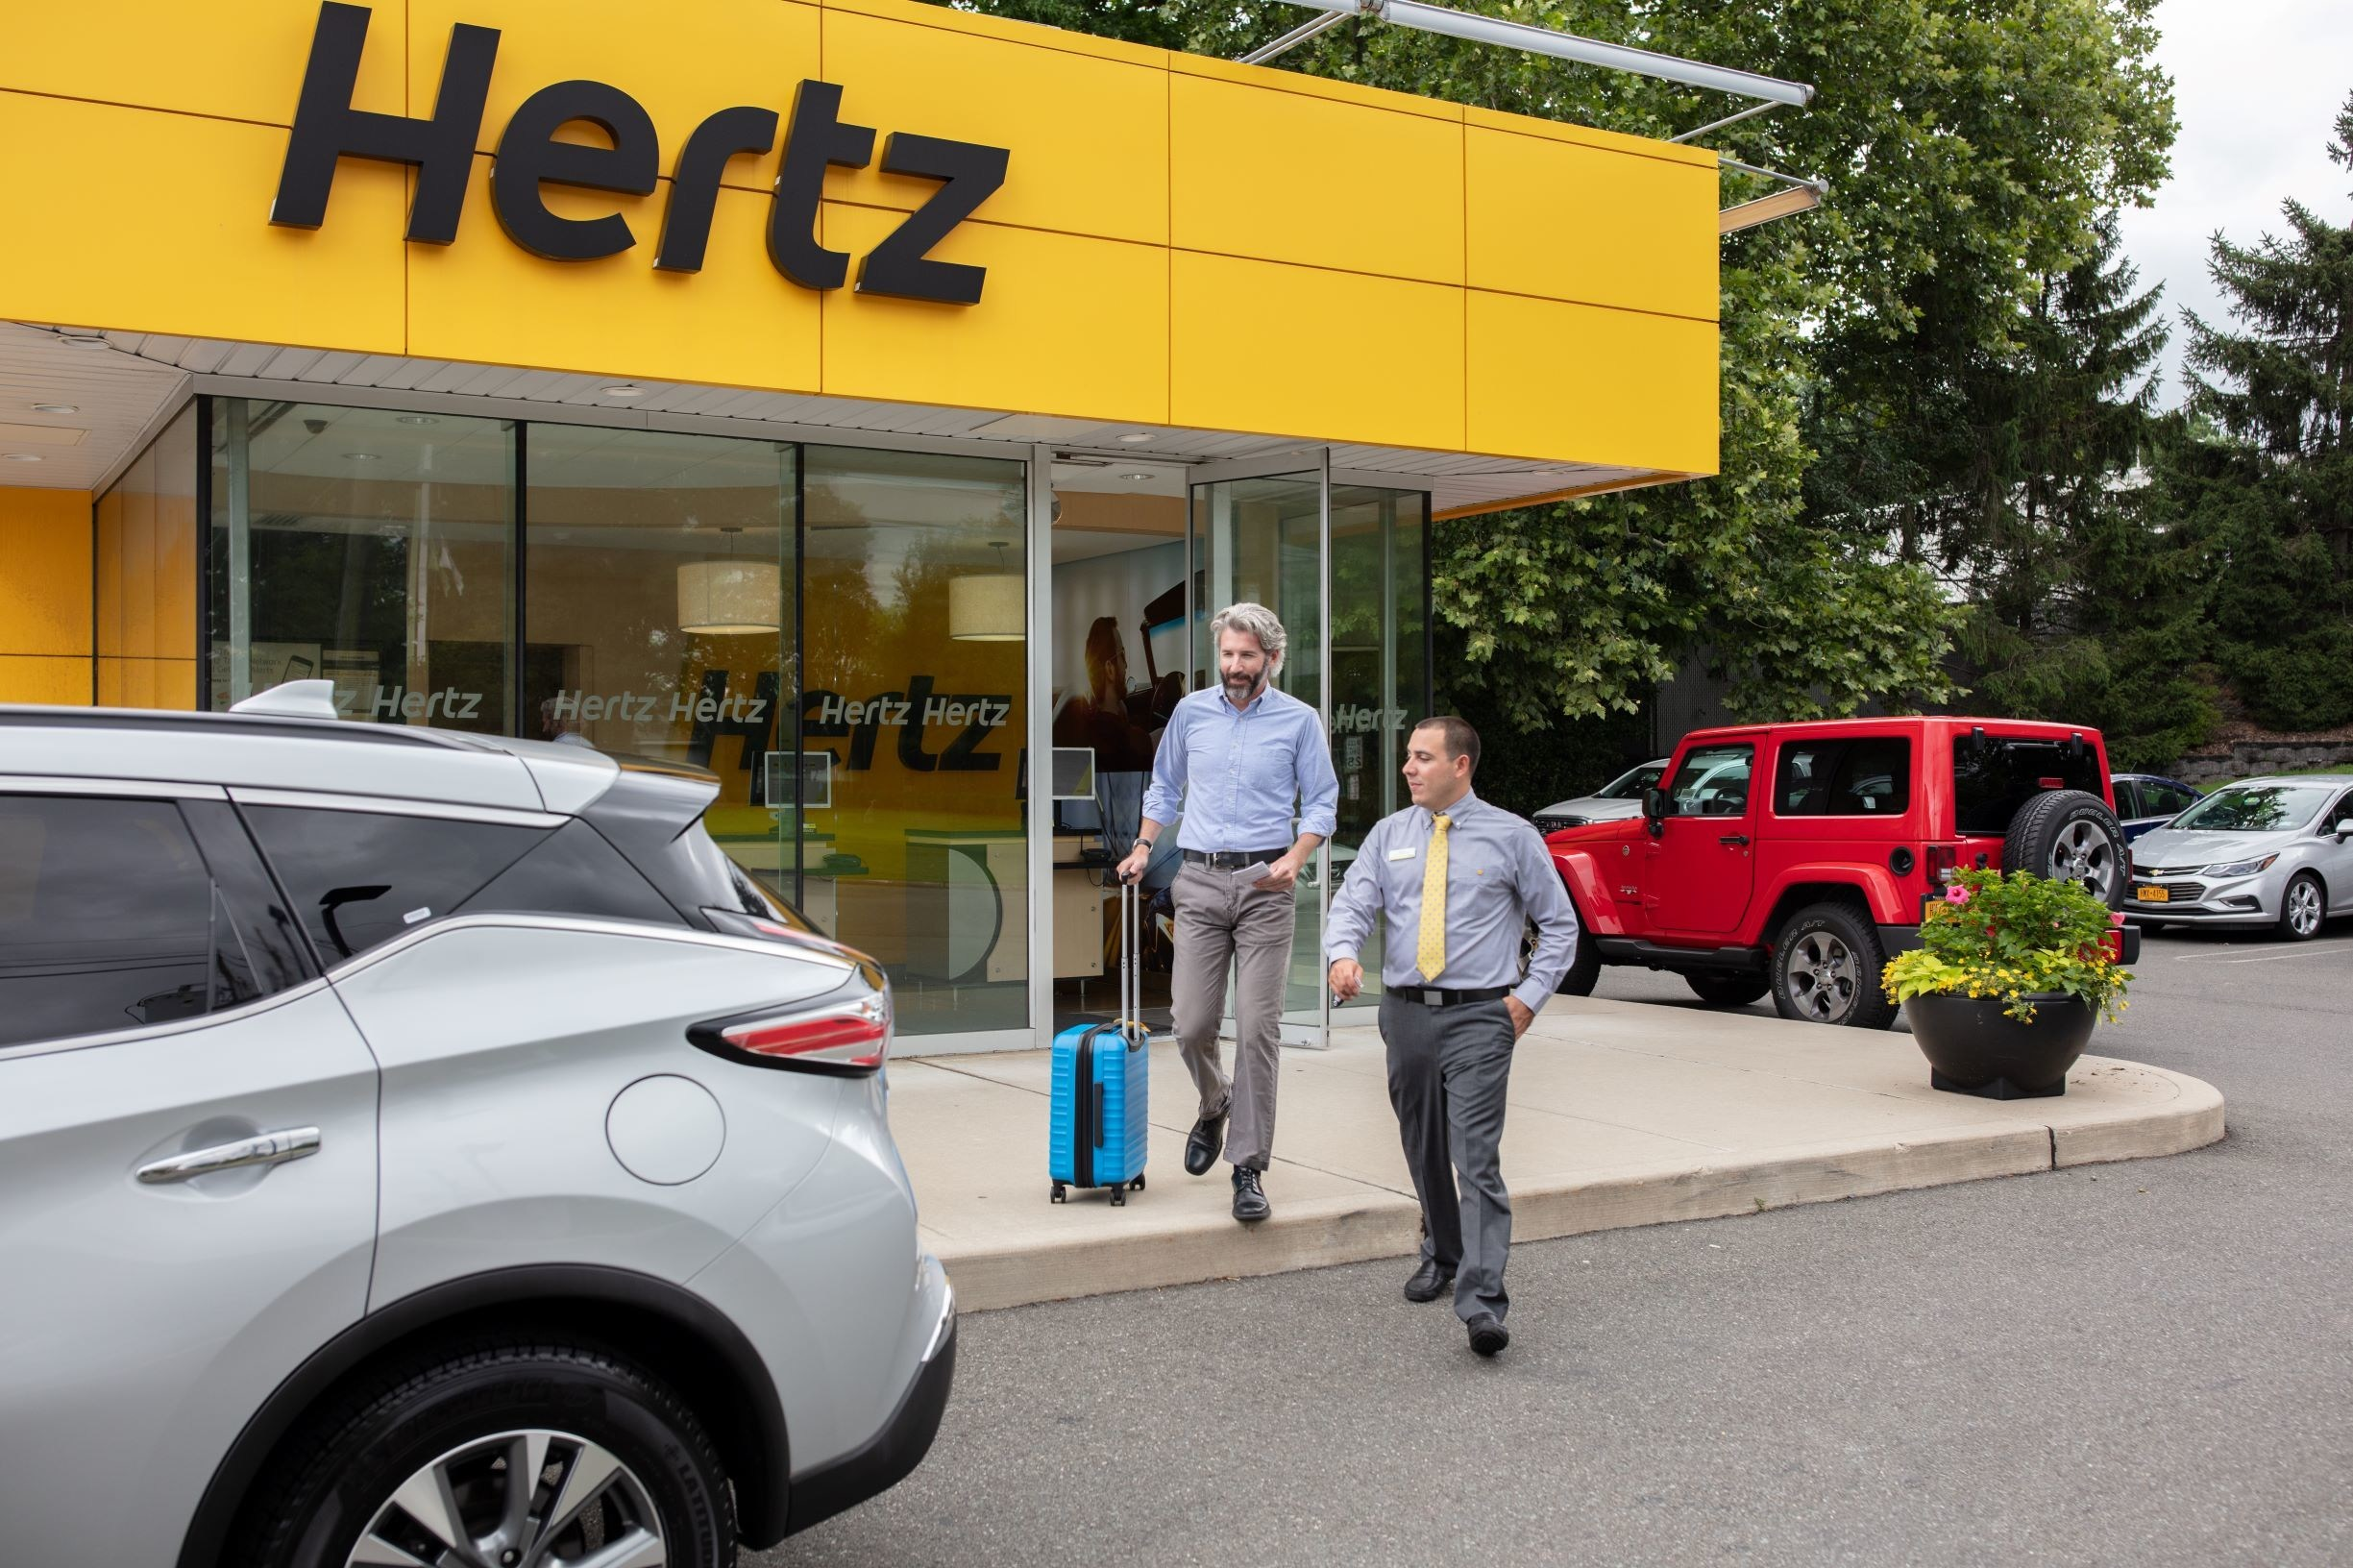 Hertz vil fortsat gerne samarbejde med rejsebureauer, men så kræver det en stor volumen. Arkivfoto fra Hertz Biludlejning.